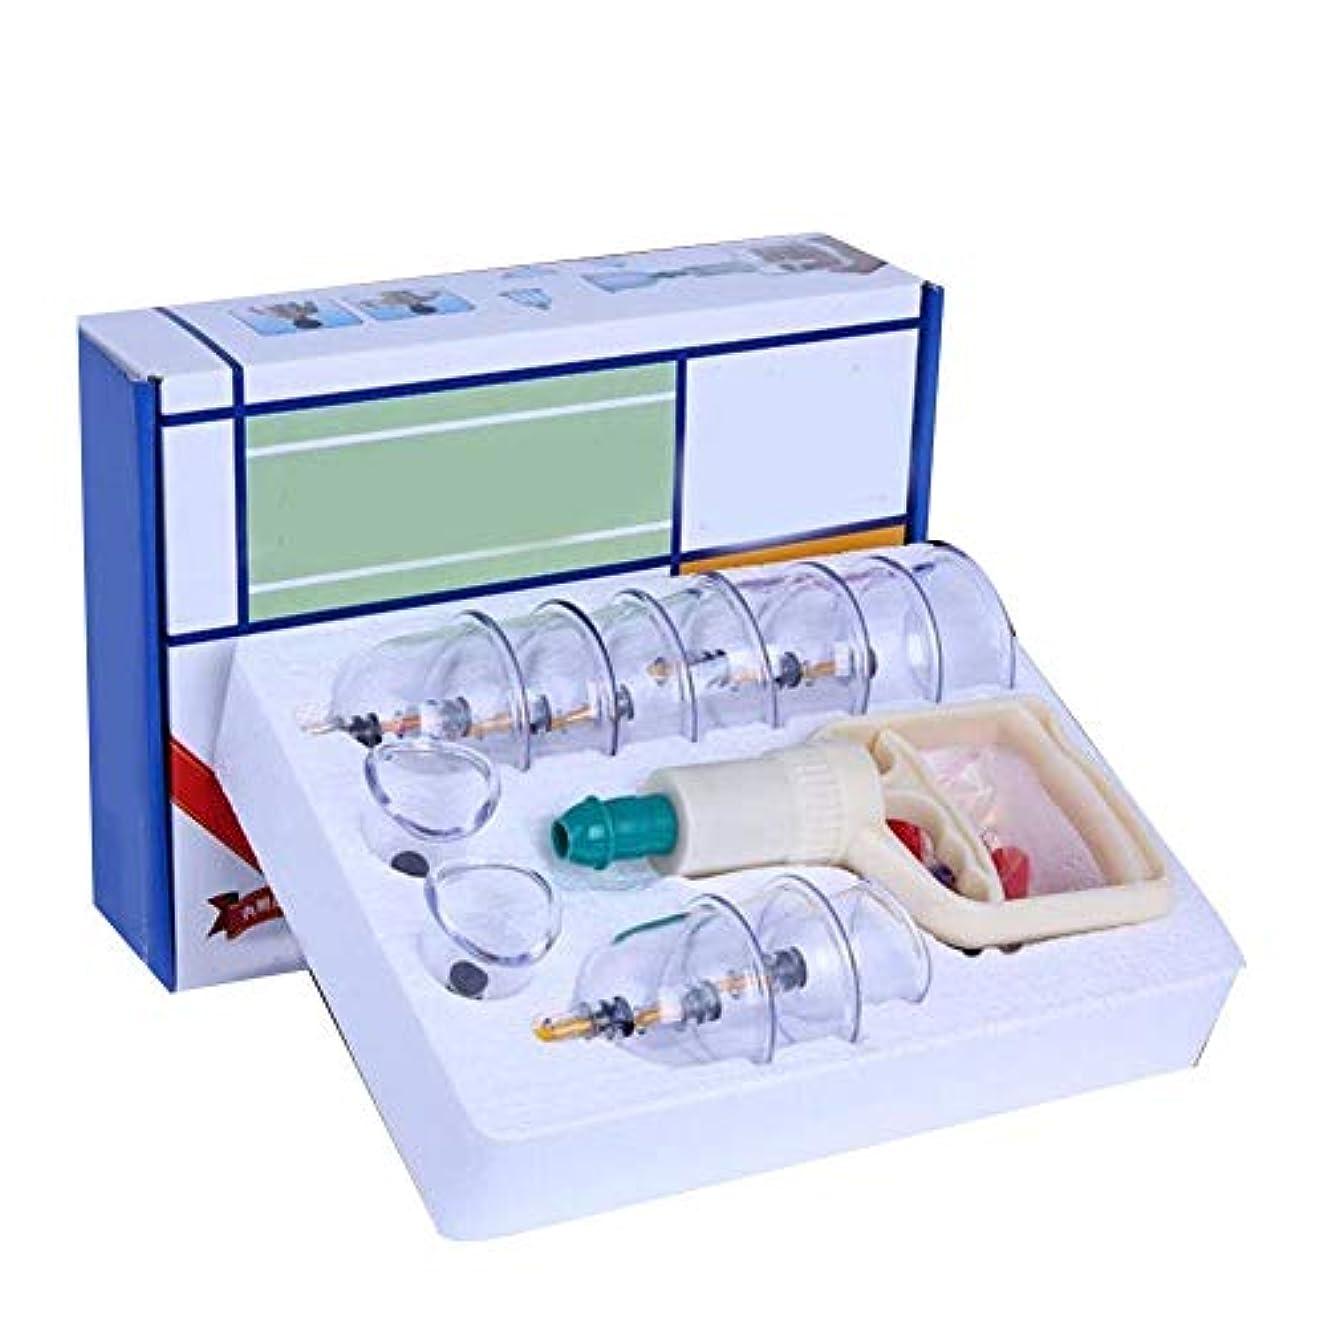 アクティビティコカイン完璧14カップカッピングセラピーセット、バキュームサクションチャイニーズ、排泄毒素、女性および男性用、ポンプガン延長チューブによるストレスと筋肉の緩和